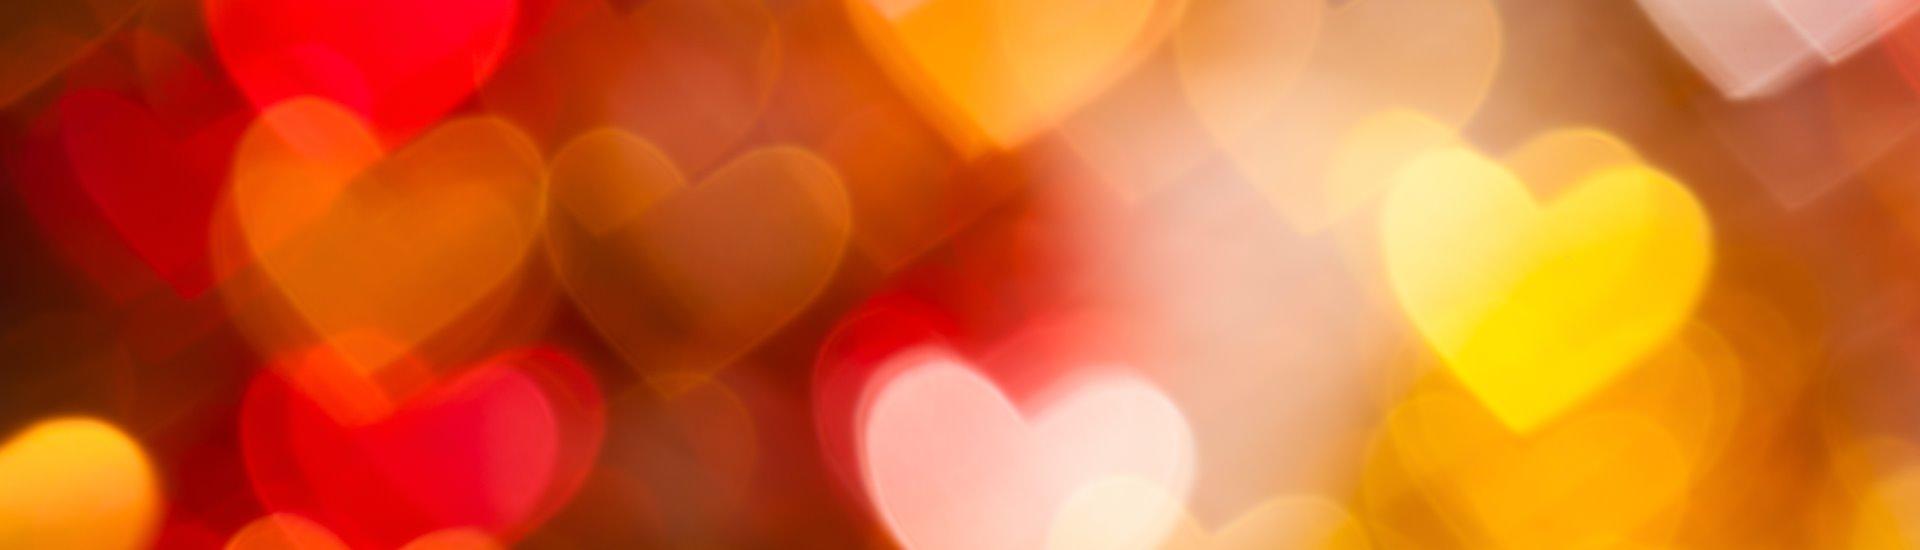 Glamping für Verliebte: Verbringen Sie romantische Stunden im neuen Love-Iglu auf dem Camping Lazy Rancho in Unterseen bei Interlaken.